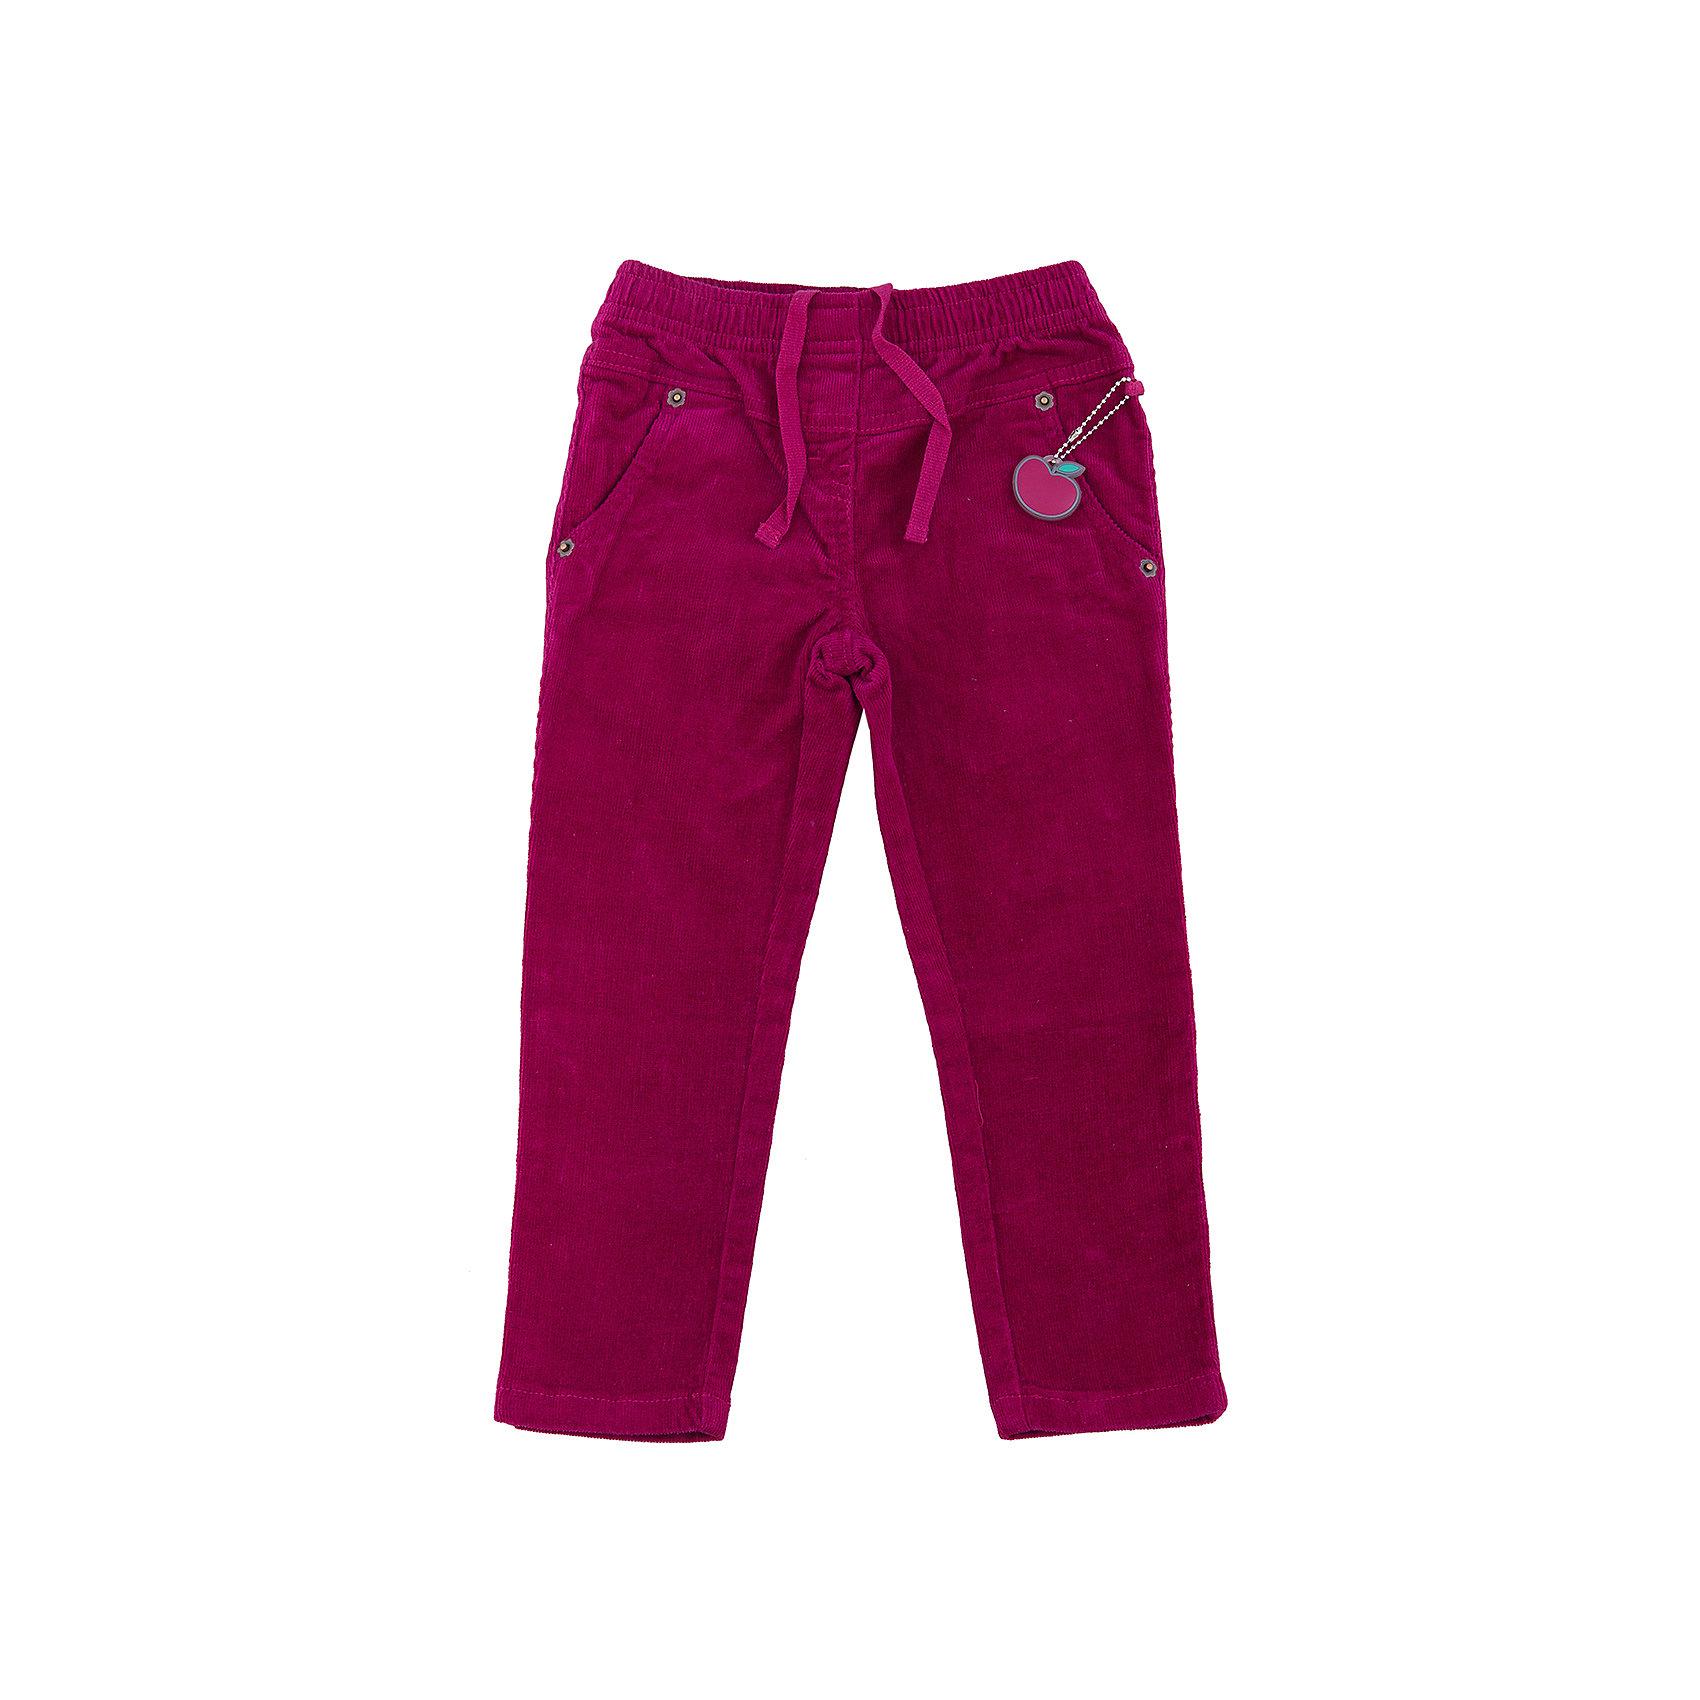 Брюки для девочки SELAСтильные брюки - незаменимая вещь в прохладное время года. Эта модель отлично сидит на ребенке, она сшита из плотного материала, натуральный хлопок не вызывает аллергии и обеспечивает ребенку комфорт. Модель станет отличной базовой вещью, которая будет уместна в различных сочетаниях.<br>Одежда от бренда Sela (Села) - это качество по приемлемым ценам. Многие российские родители уже оценили преимущества продукции этой компании и всё чаще приобретают одежду и аксессуары Sela.<br><br>Дополнительная информация:<br><br>цвет: красный;<br>материал: 100% хлопок;<br>плотный материал;<br>резинка в поясе.<br><br>Брюки для девочки от бренда Sela можно купить в нашем интернет-магазине.<br><br>Ширина мм: 215<br>Глубина мм: 88<br>Высота мм: 191<br>Вес г: 336<br>Цвет: красный<br>Возраст от месяцев: 18<br>Возраст до месяцев: 24<br>Пол: Женский<br>Возраст: Детский<br>Размер: 92,116,110,104,98<br>SKU: 4944024